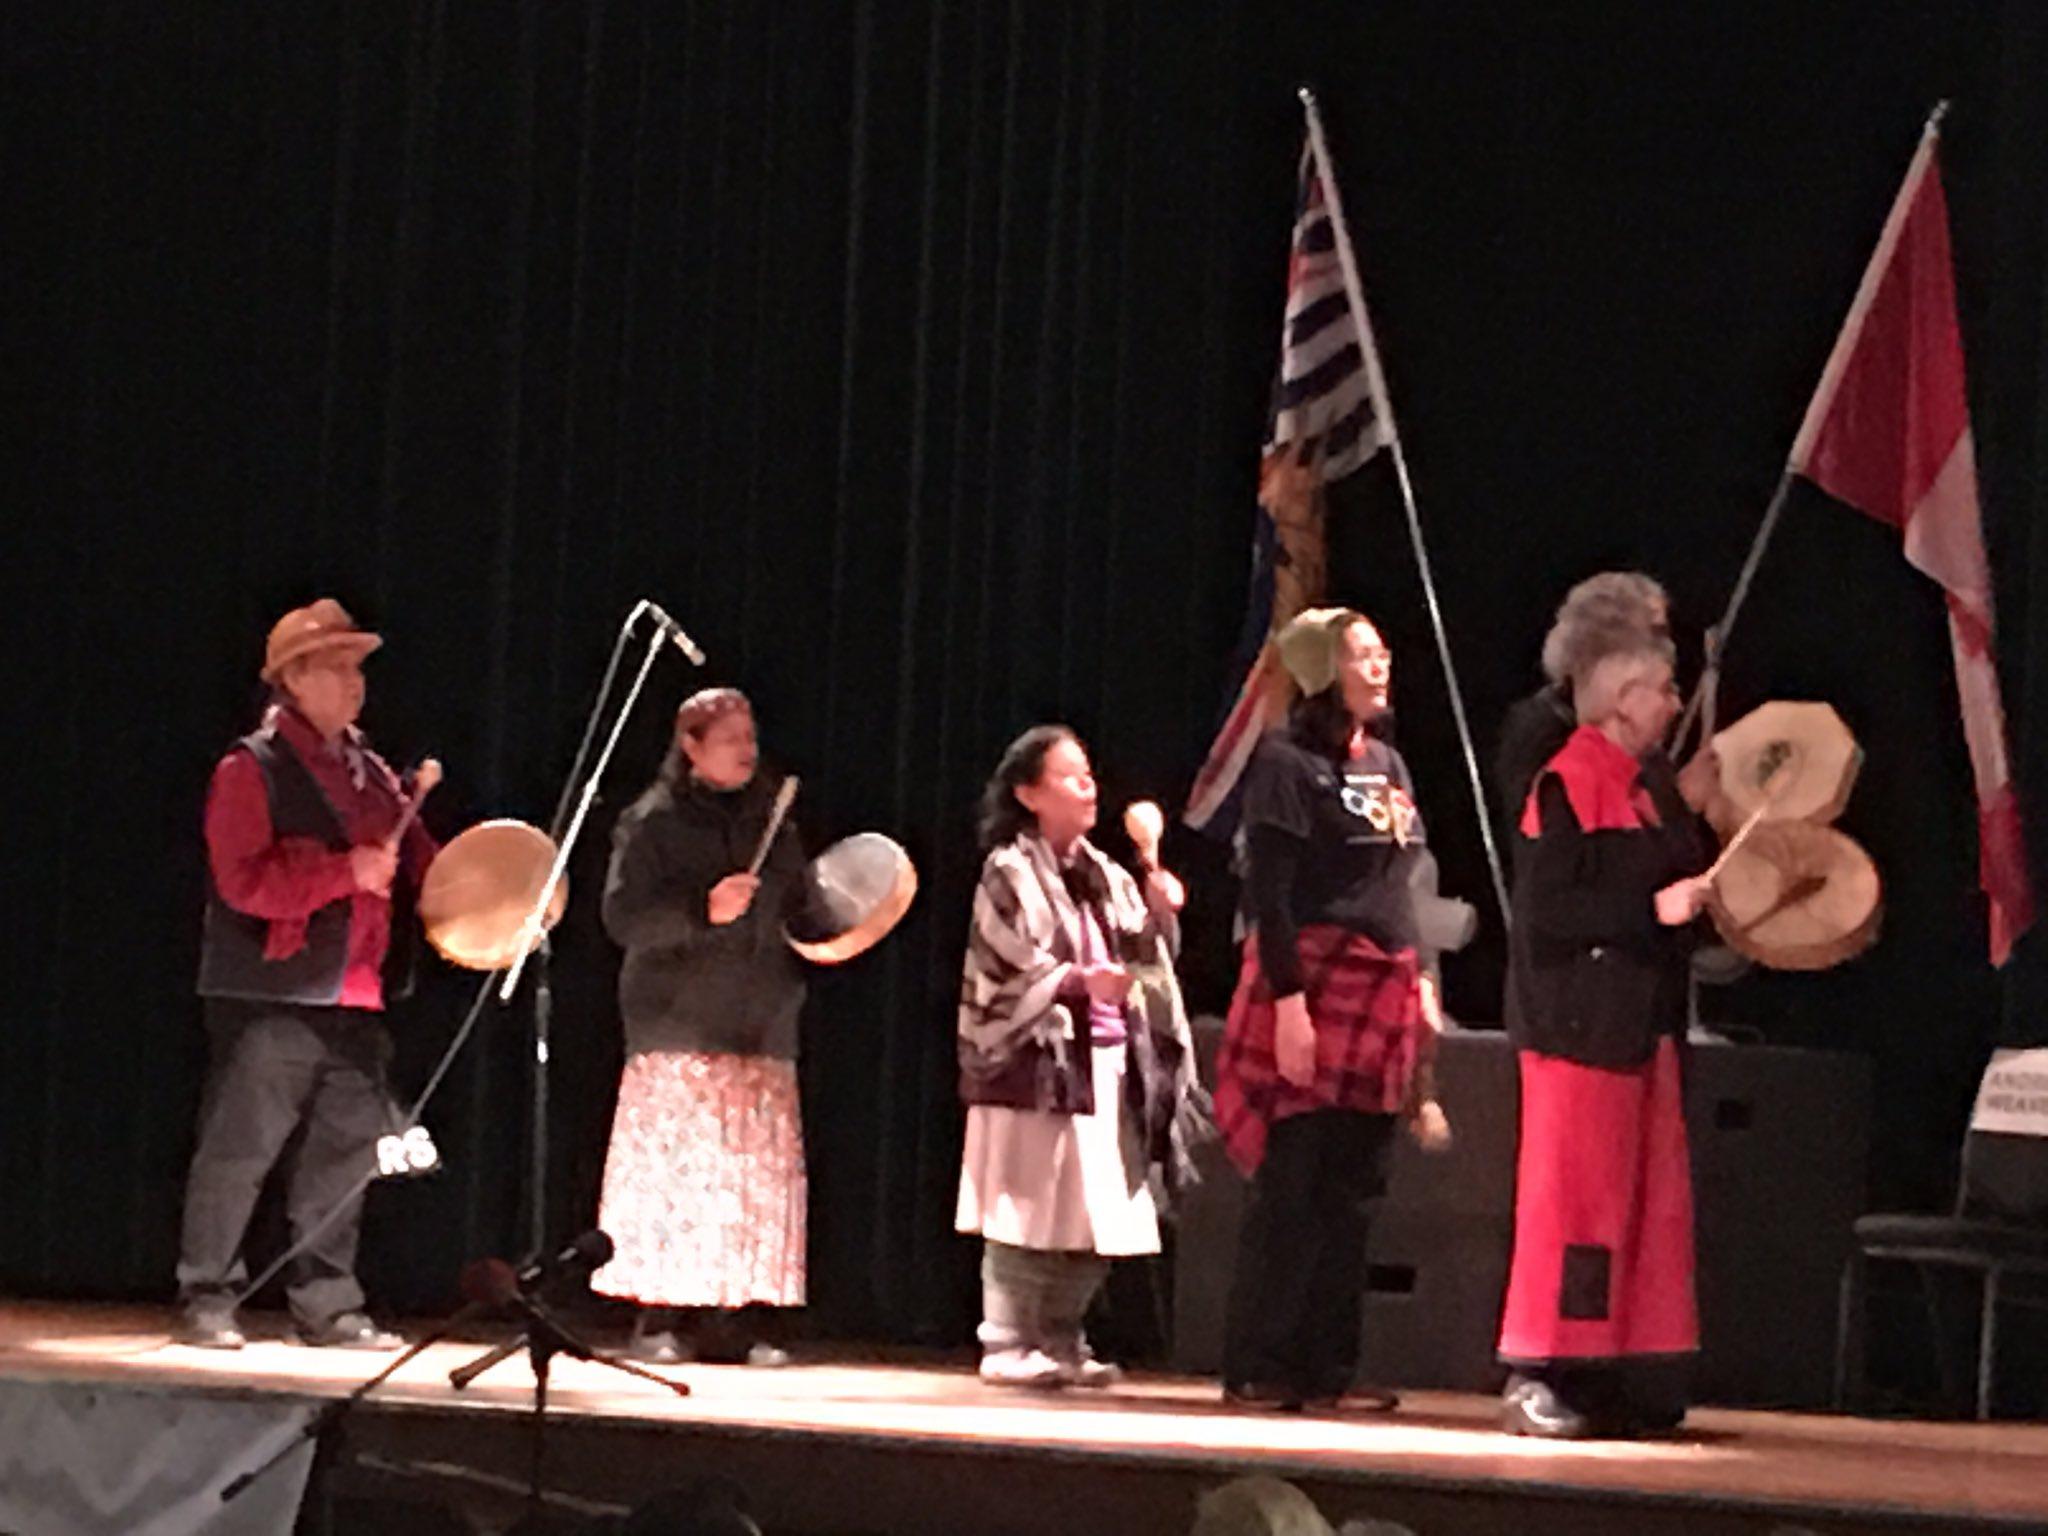 @MetVanAlliance Harmony of Nations drum circle. https://t.co/6yFdqKygaV